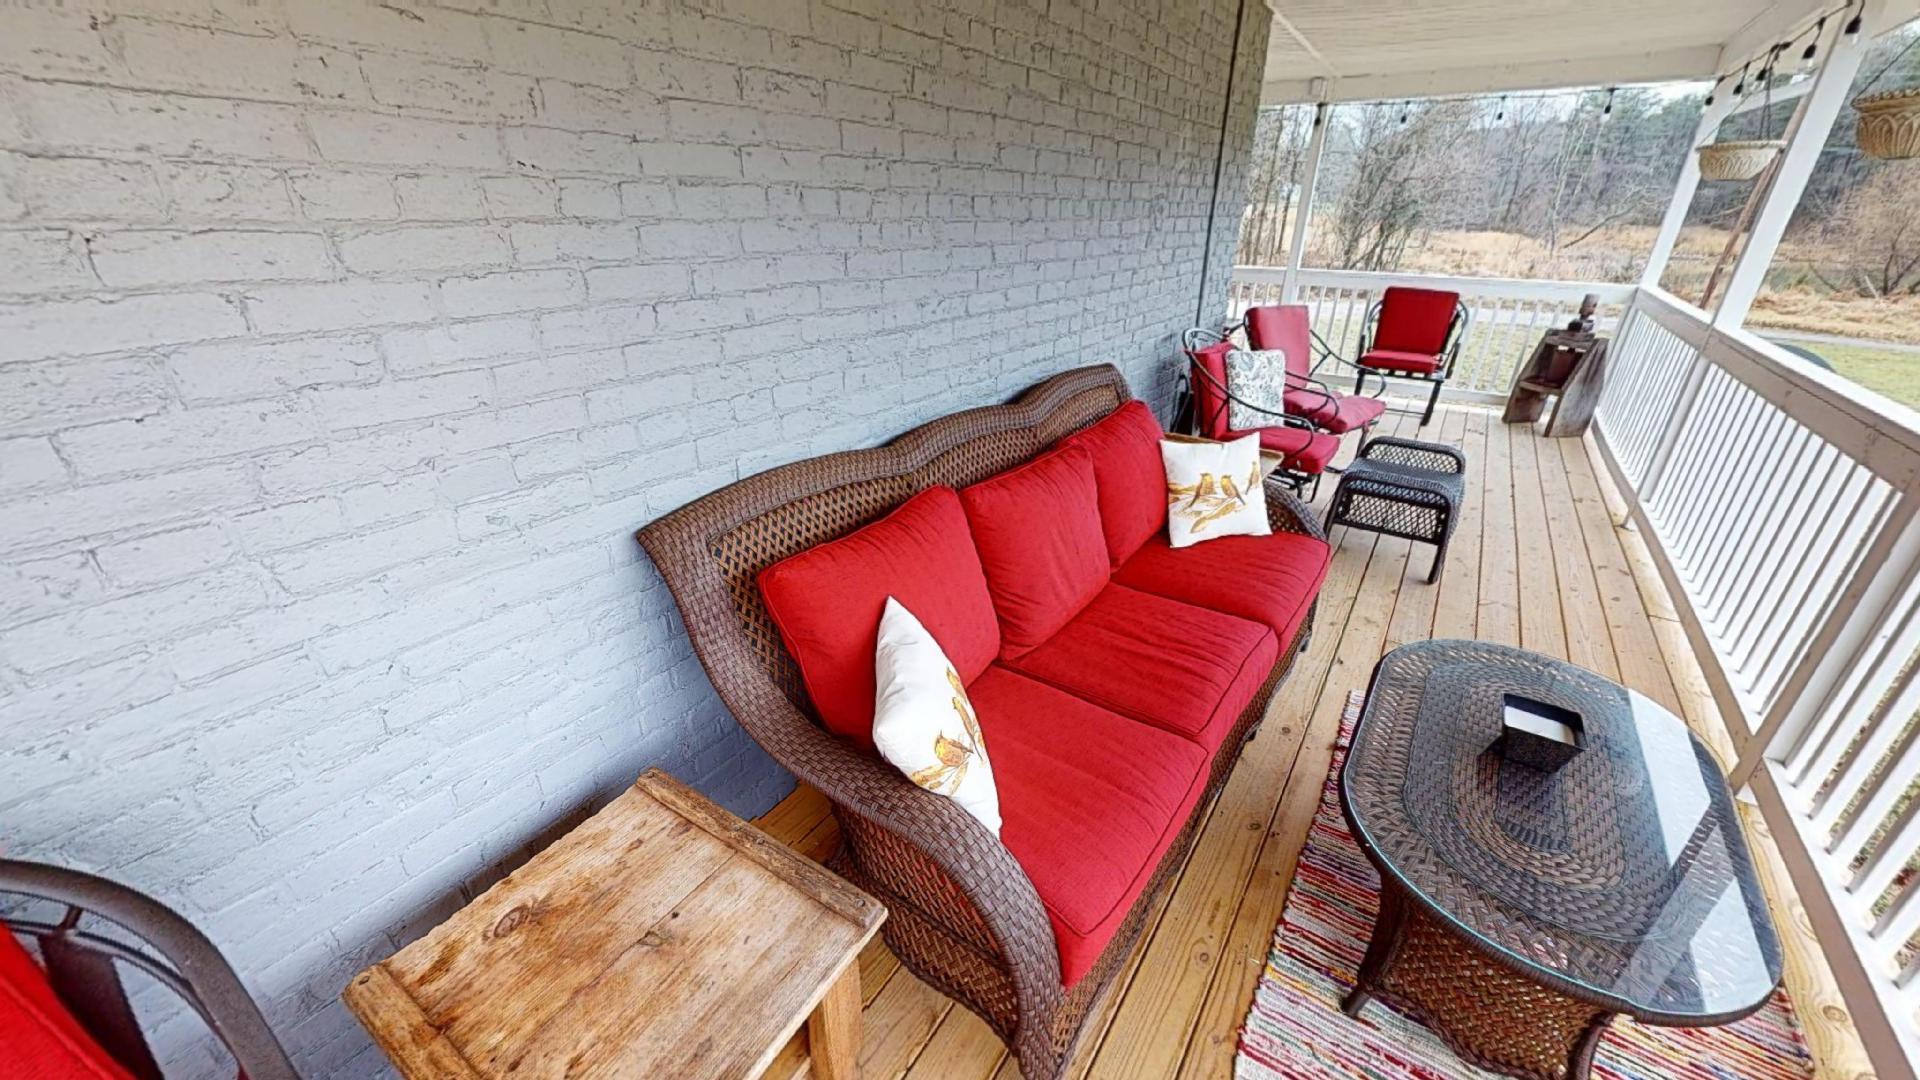 Wrap Around Porch - Watch the deer!